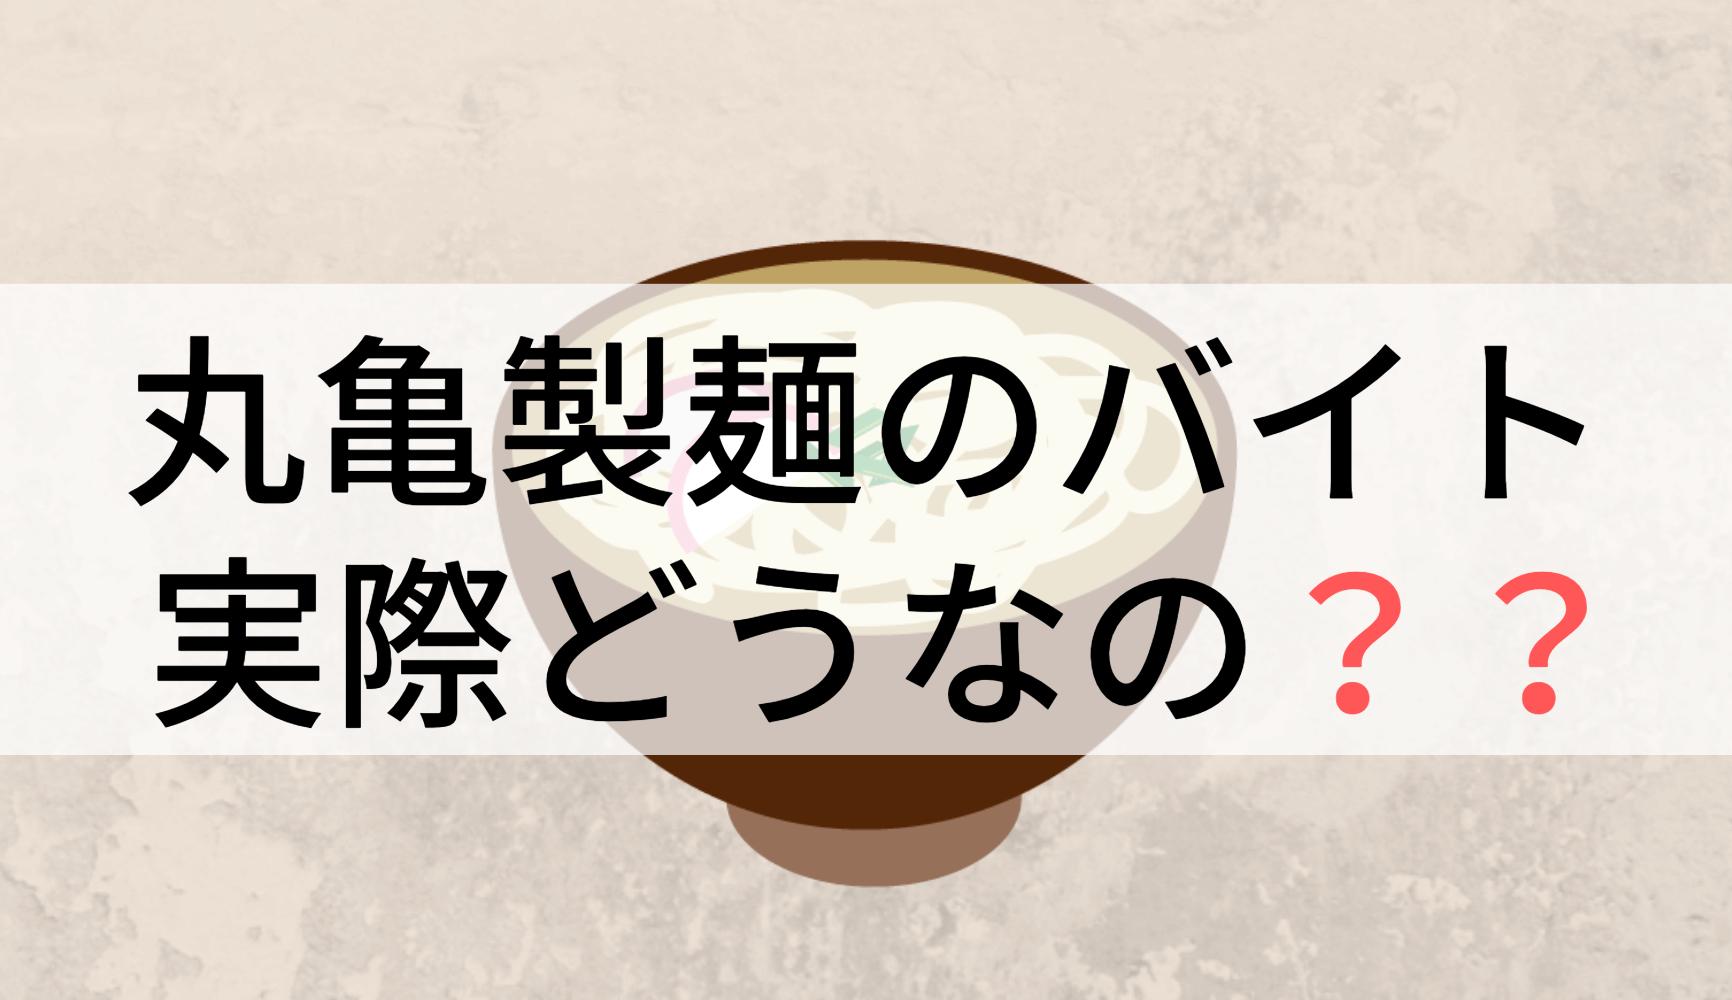 丸亀製麺のバイト評判・口コミを経験者が徹底解説!実際きついの?